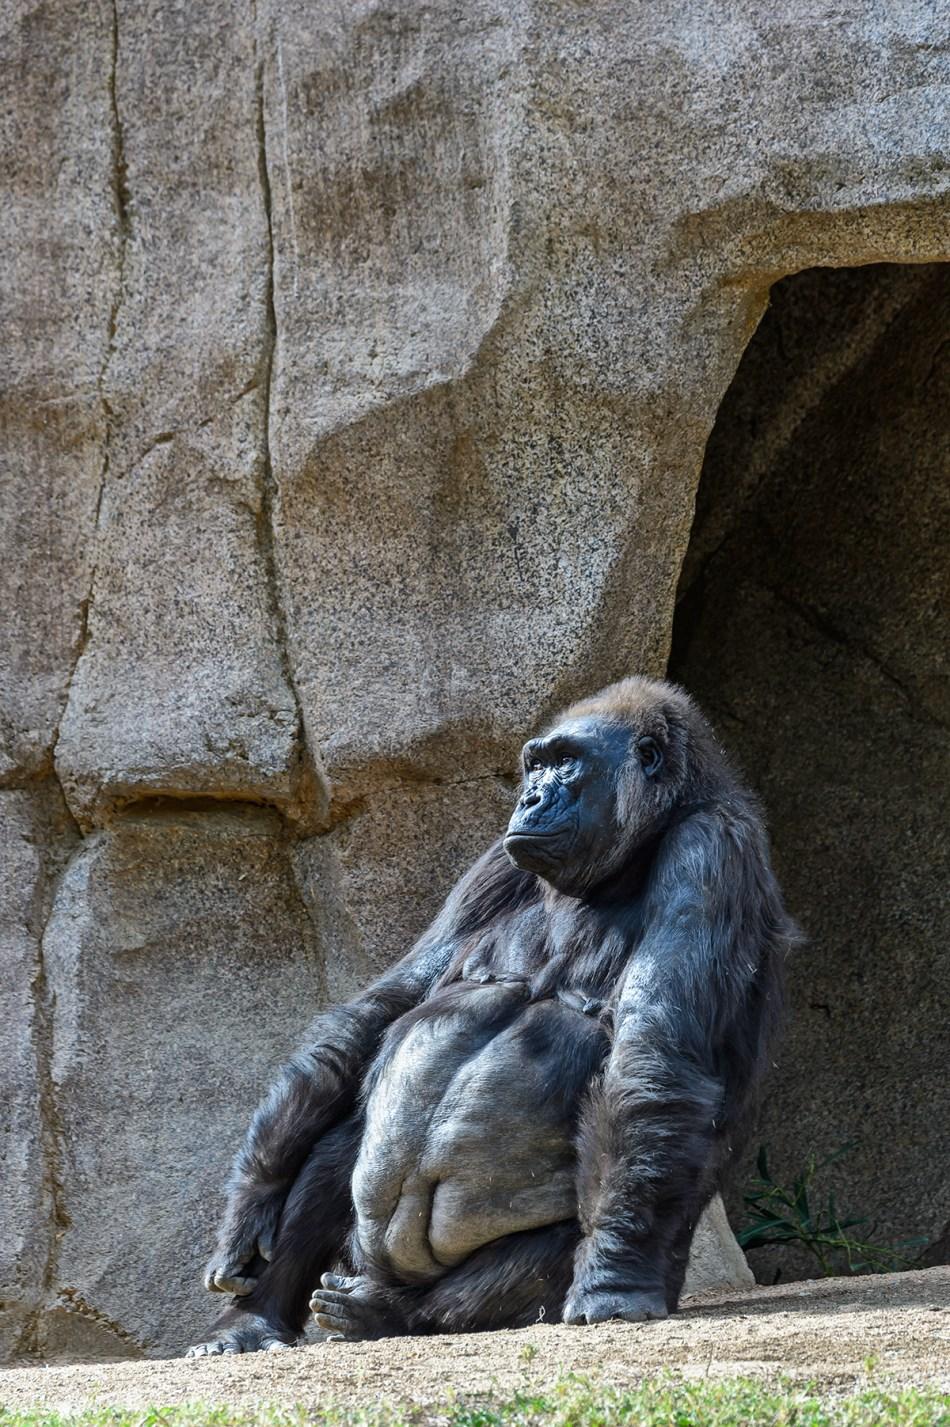 Gorilla Buddha